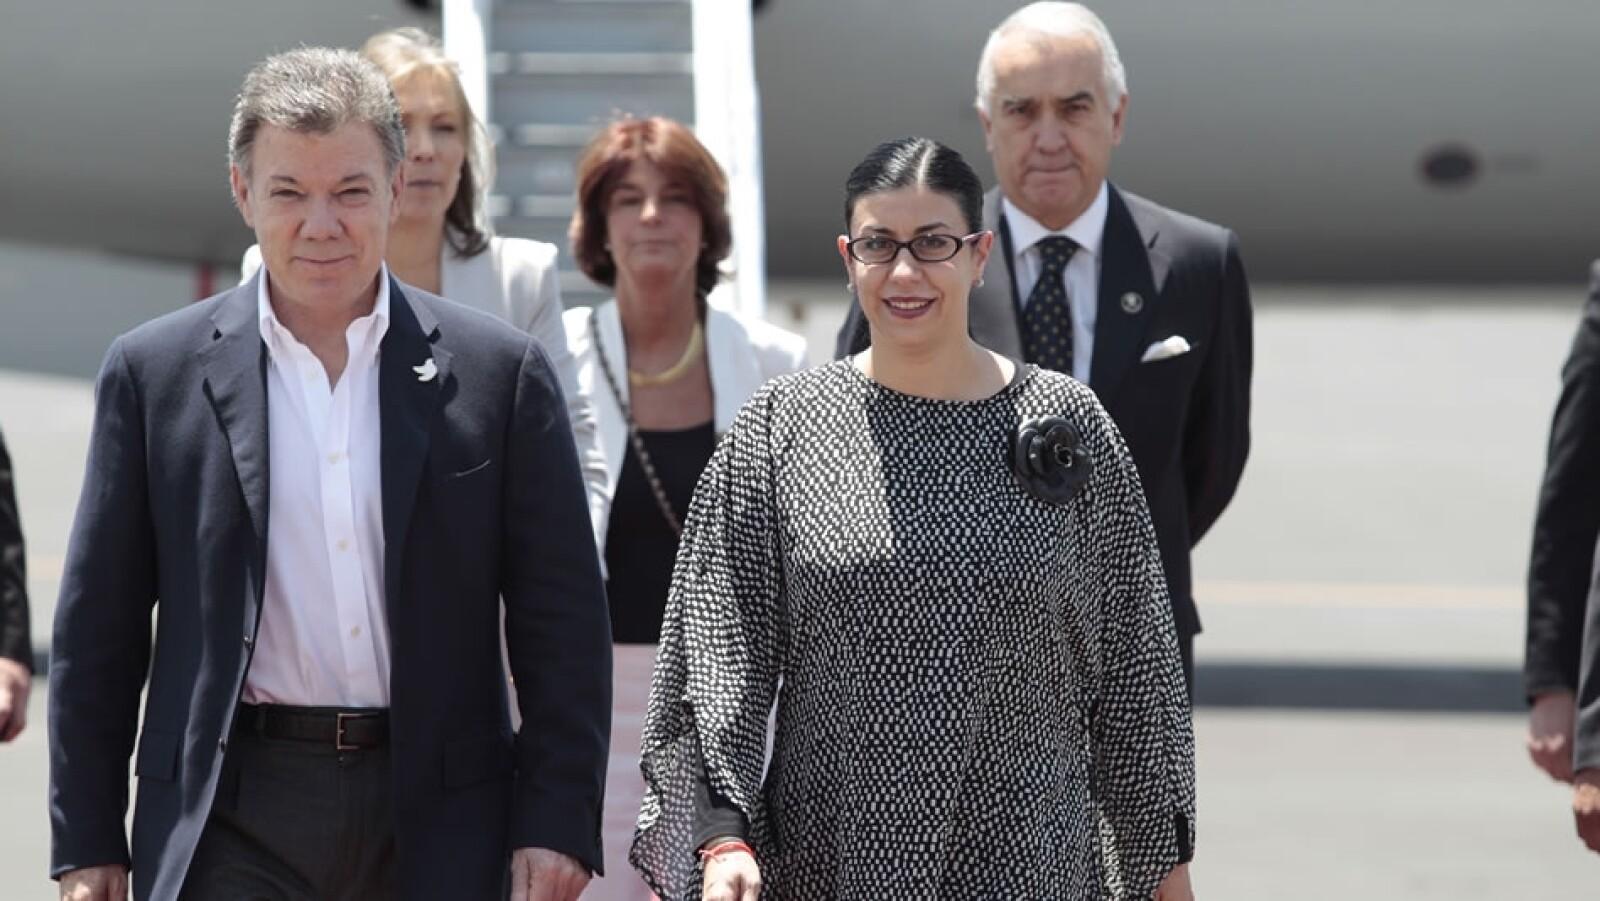 El Presidente de Colombia, Juan Manuel Santos, arribó este lunes al hangar presidencial de la Ciudad de México